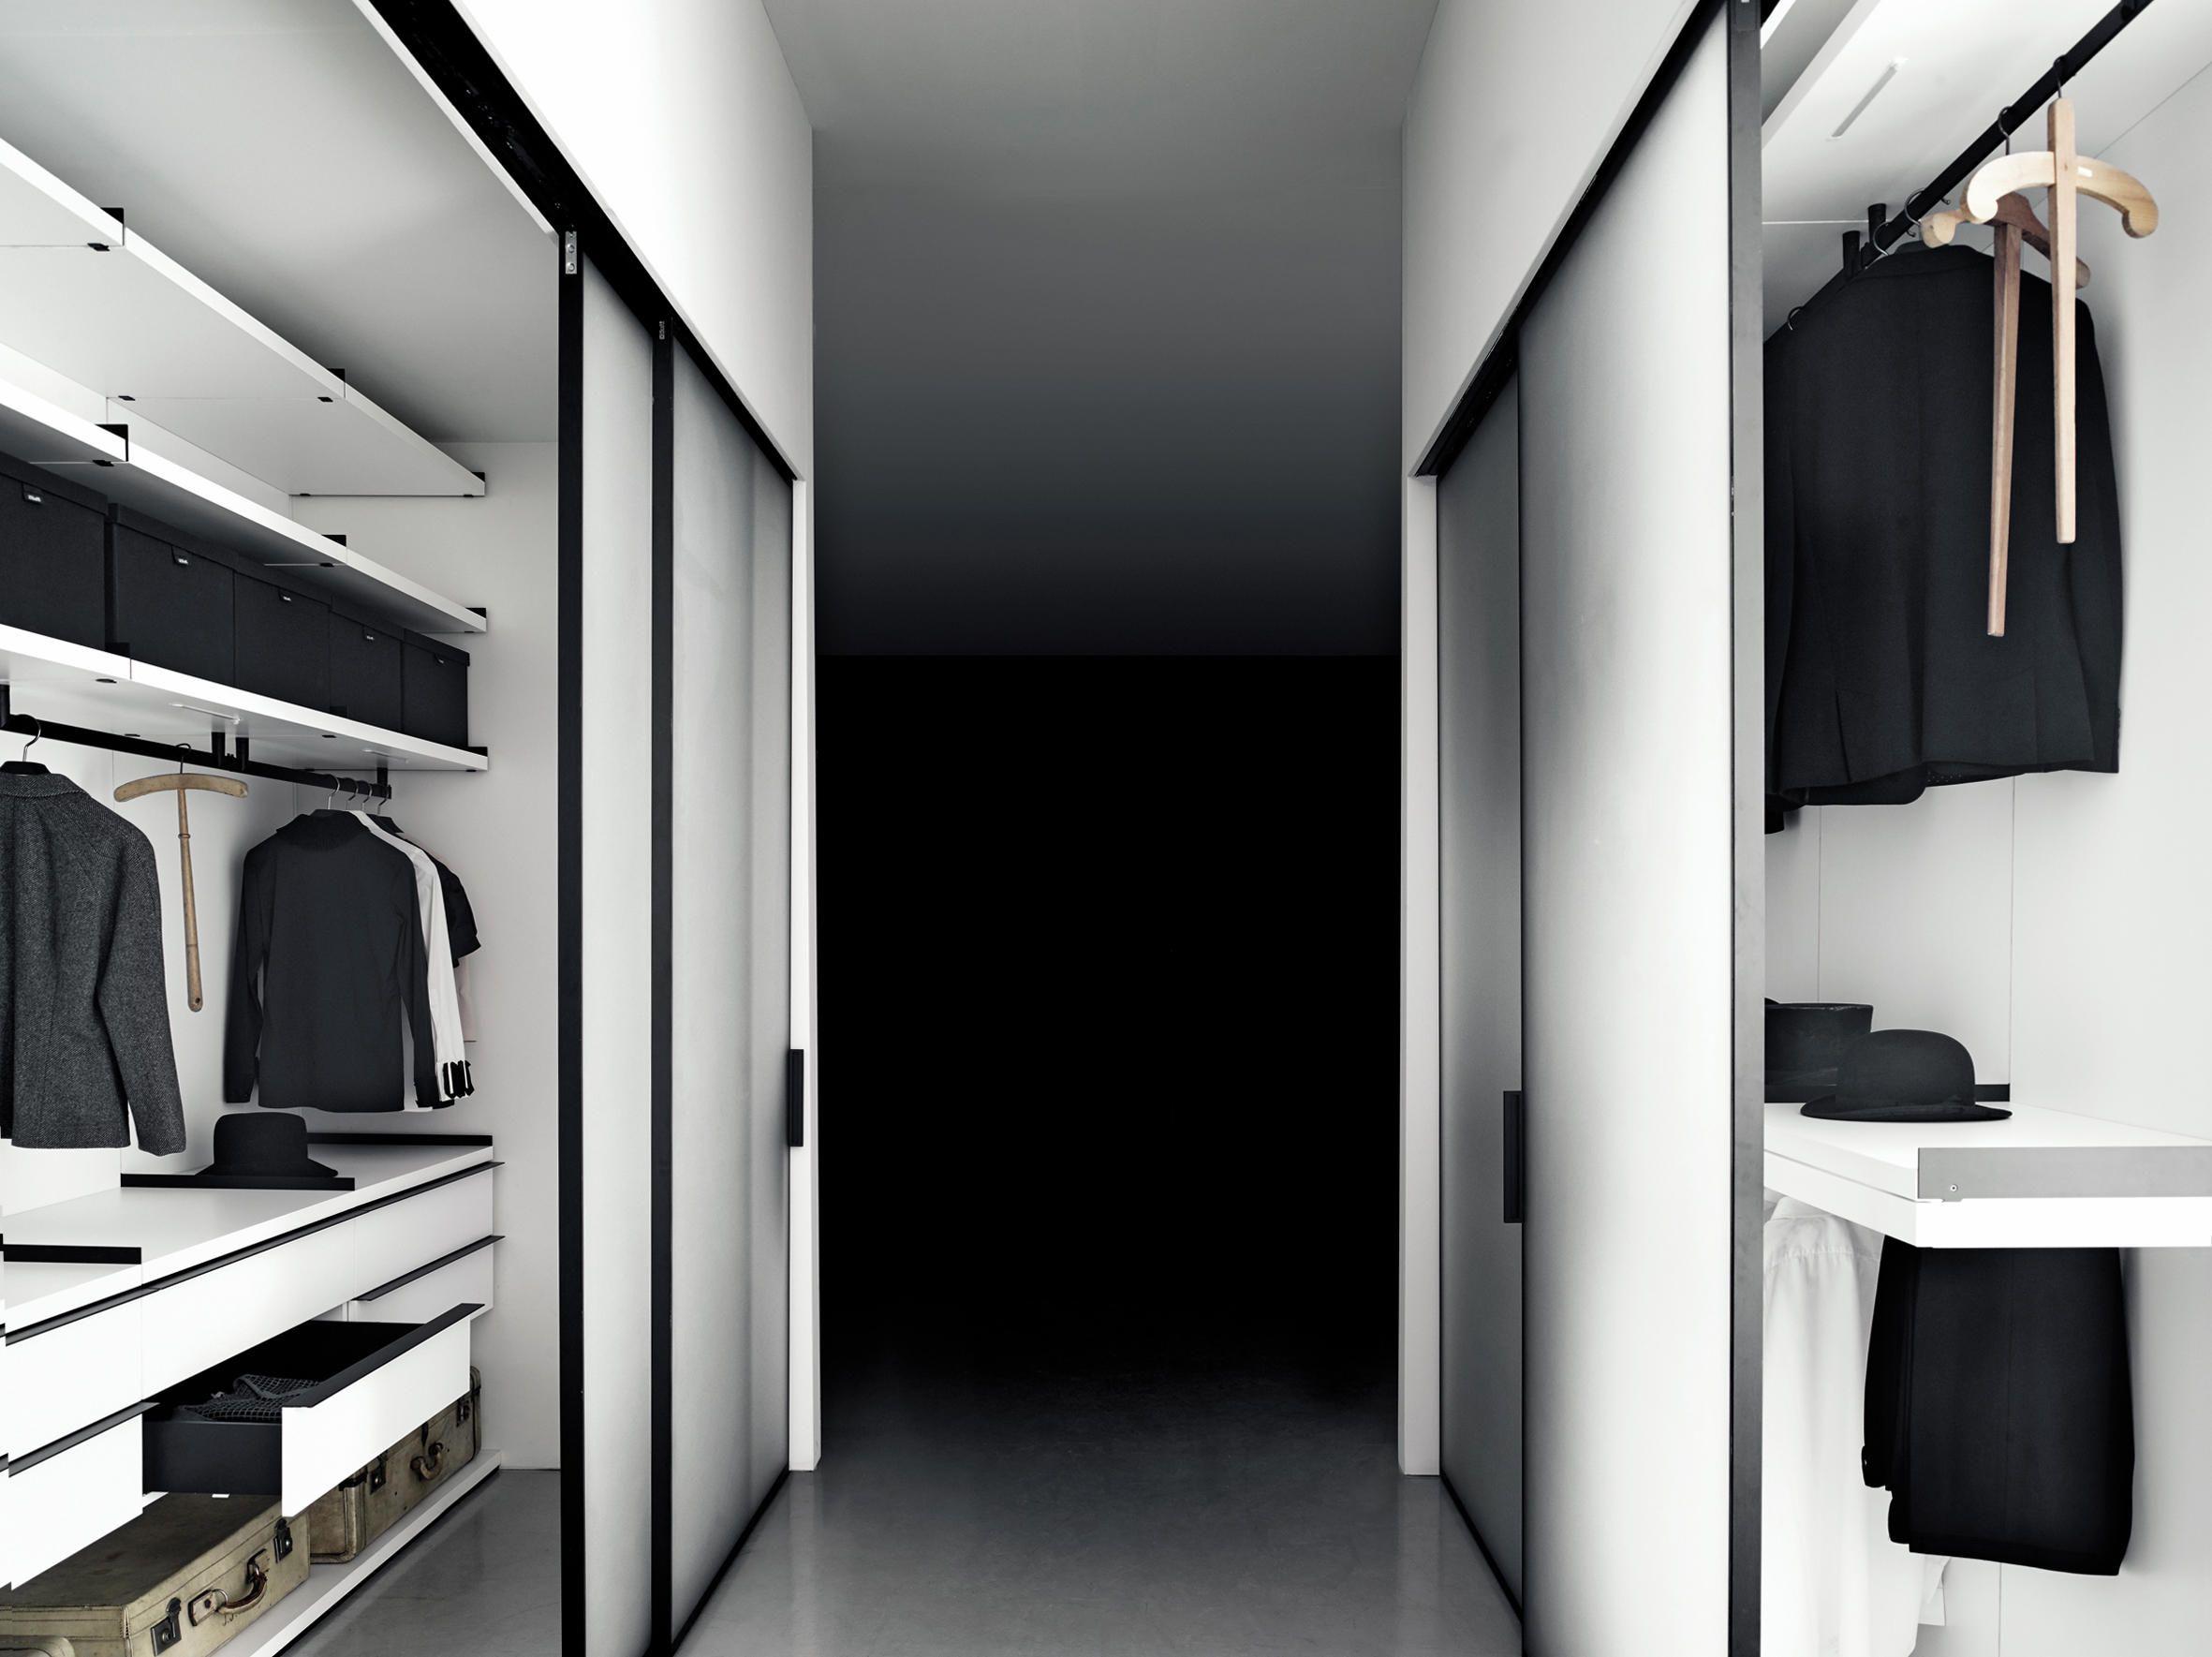 Tonelli Design Listino Prezzi.Pin Di Sako Chater Su 10 00 Specialties Porte Interne Armadio E